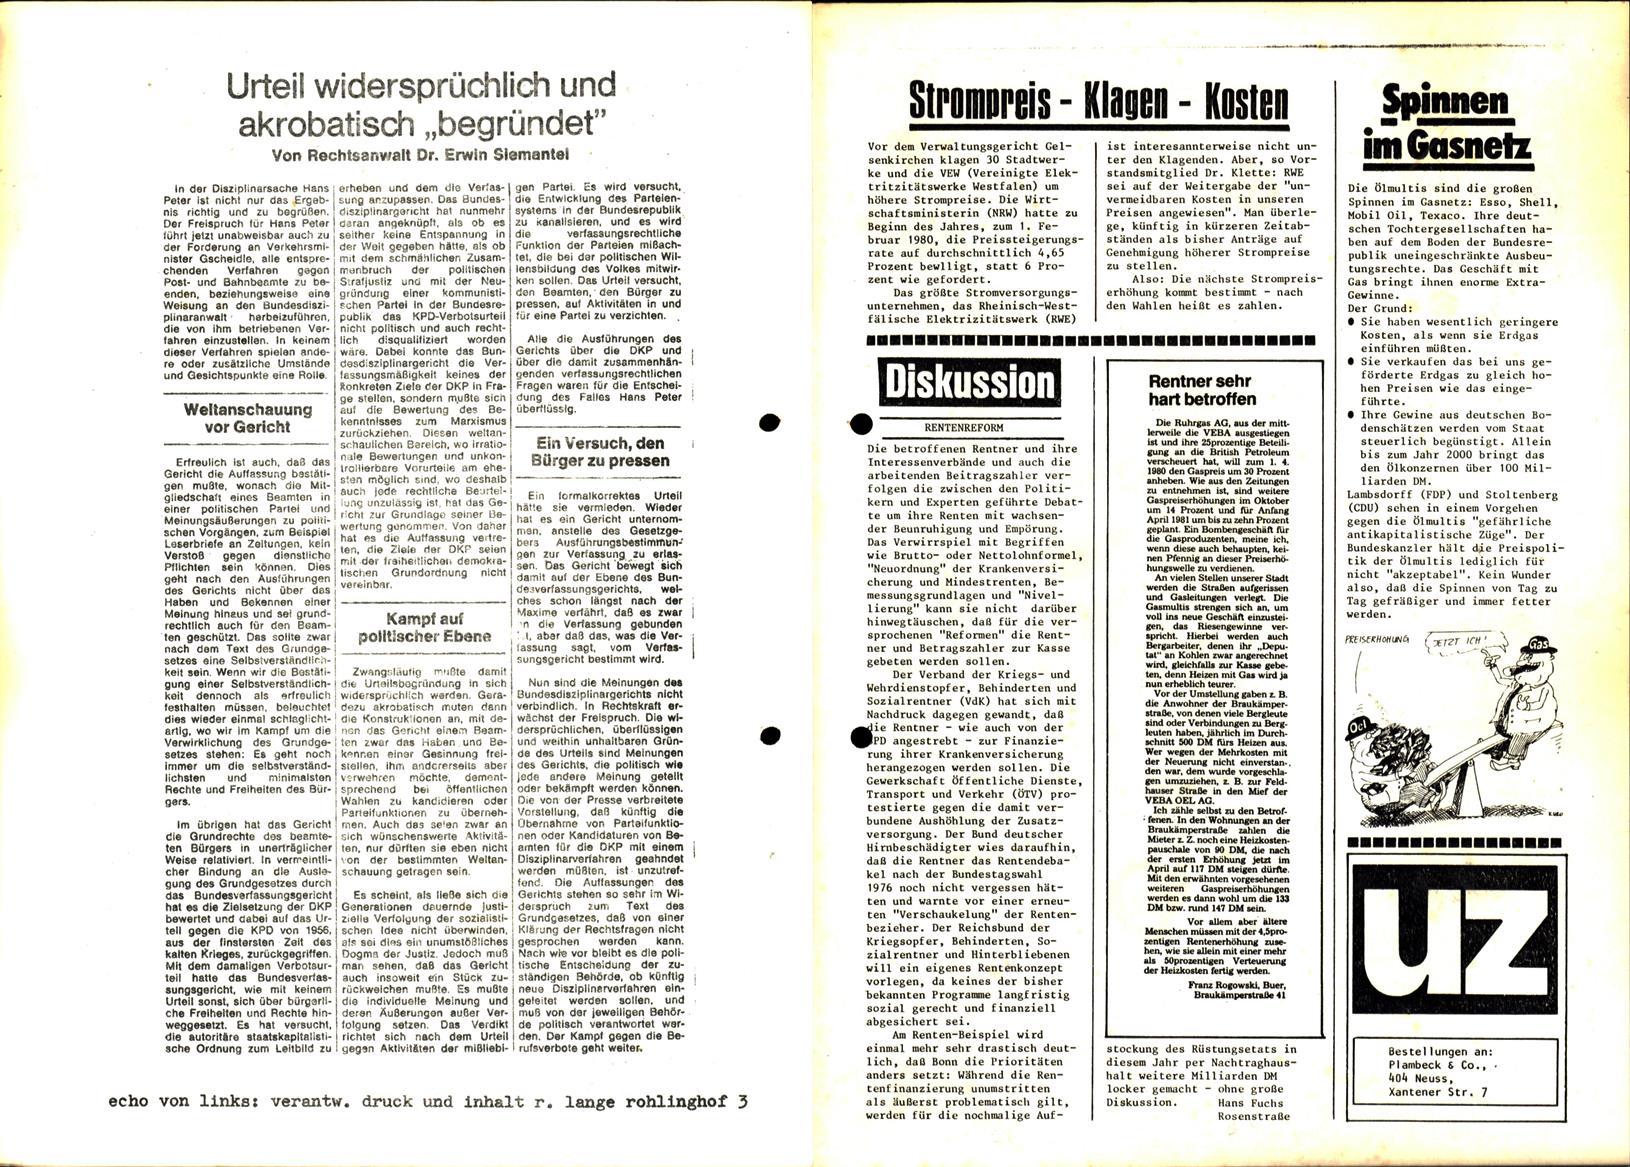 Gelsenkirchen_DKP_Echo_von_links_19800400_03